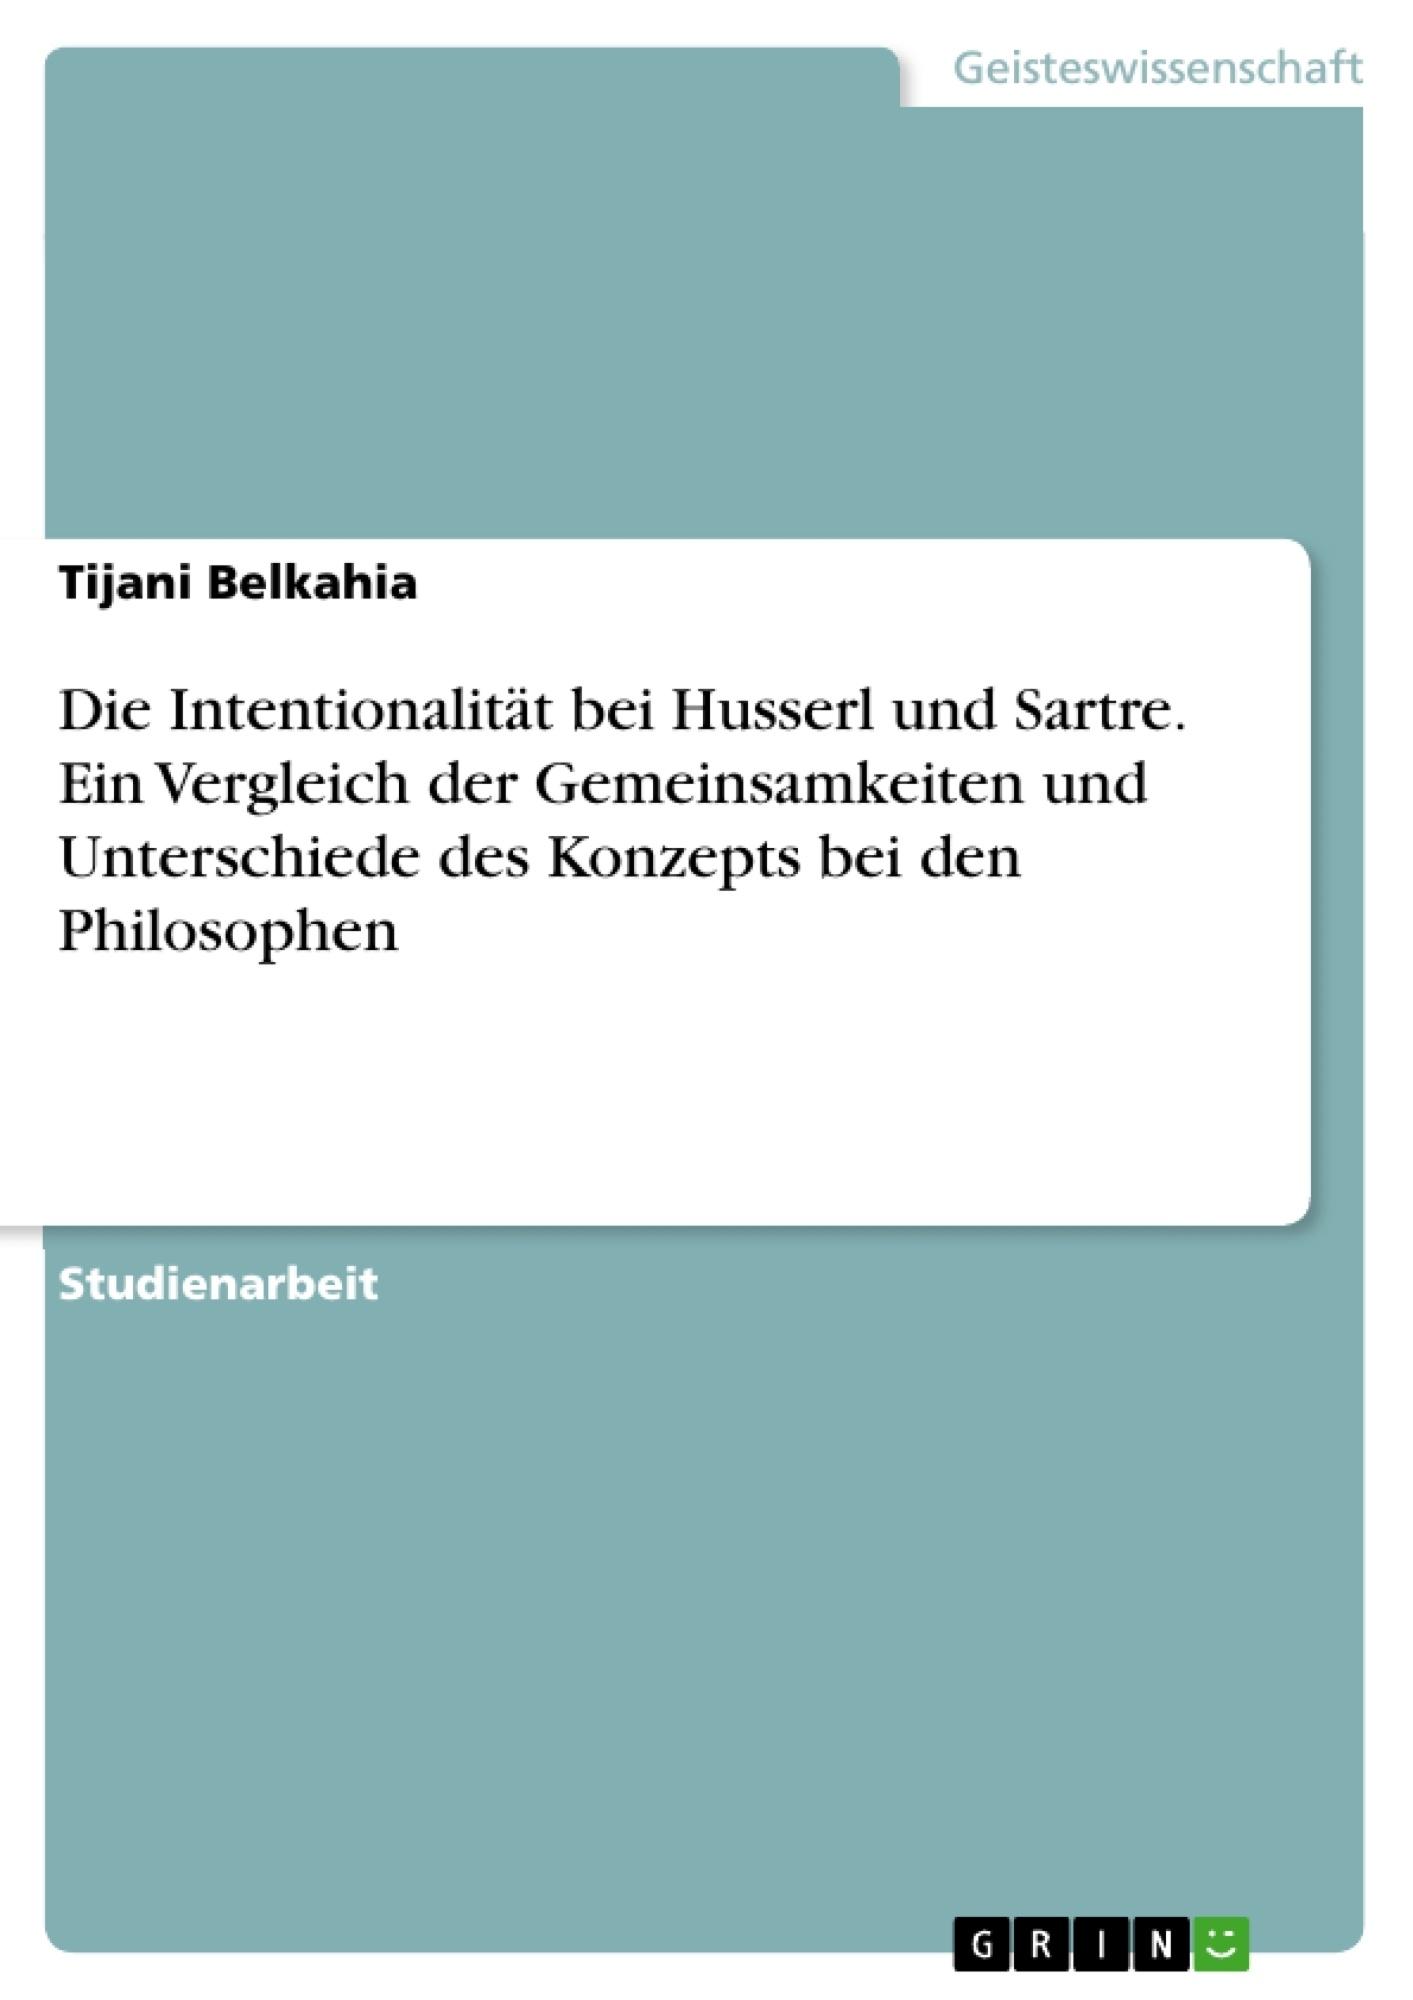 Titel: Die Intentionalität bei Husserl und Sartre. Ein Vergleich der Gemeinsamkeiten und Unterschiede des Konzepts bei den Philosophen